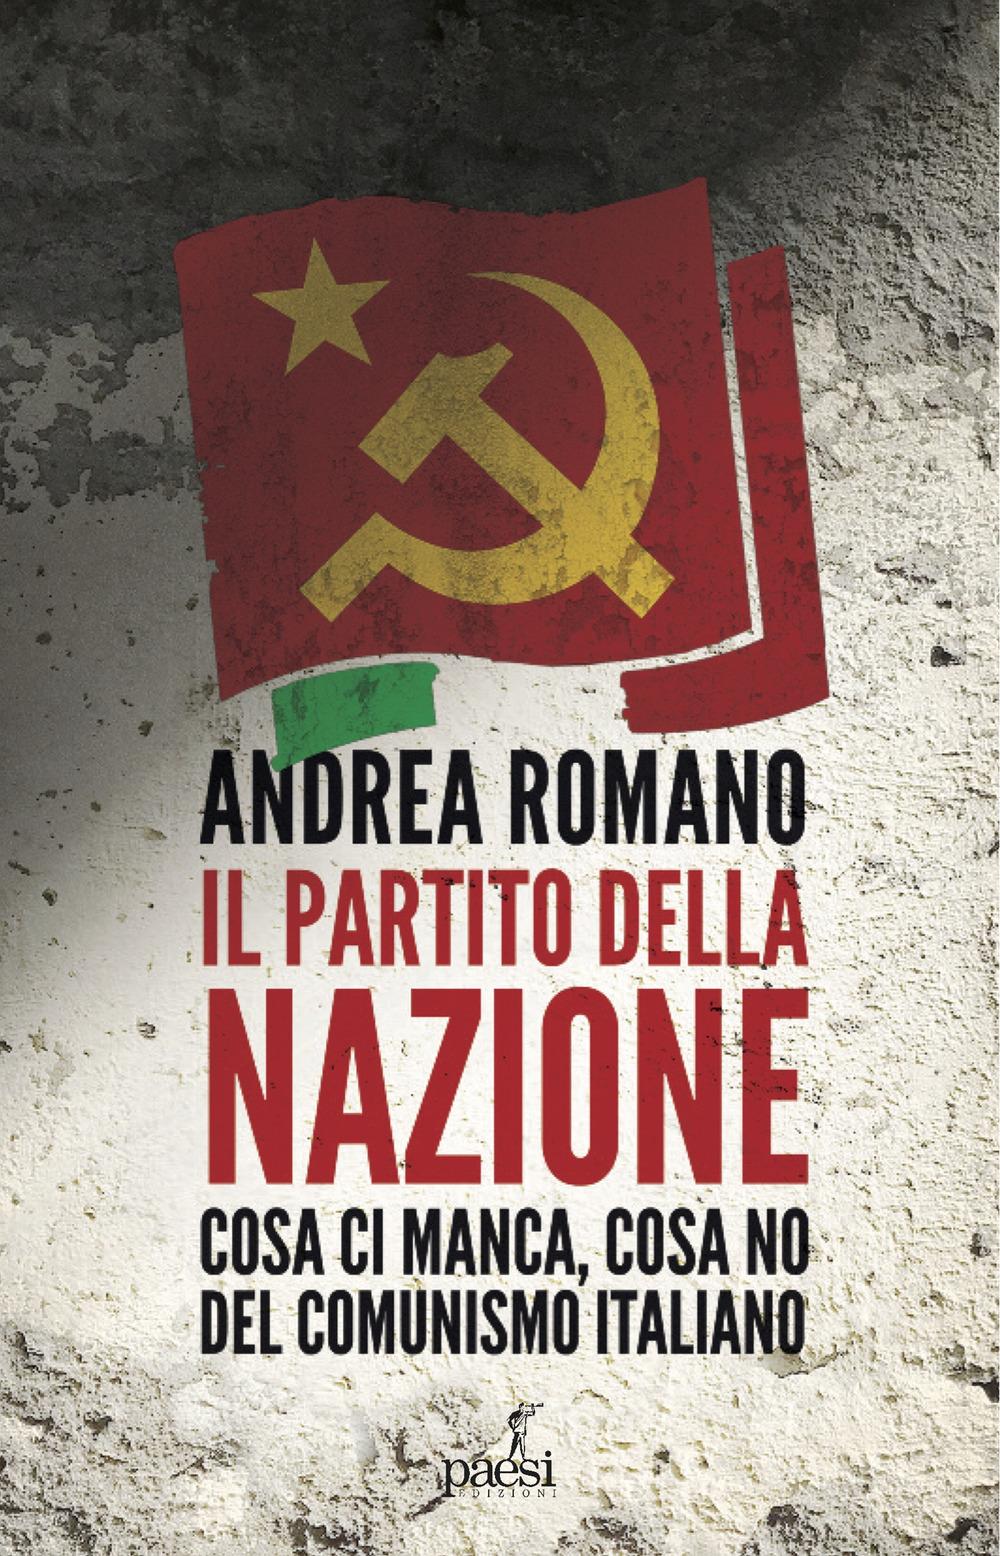 Il partito della nazione. Cosa ci manca e cosa no del comunismo italiano